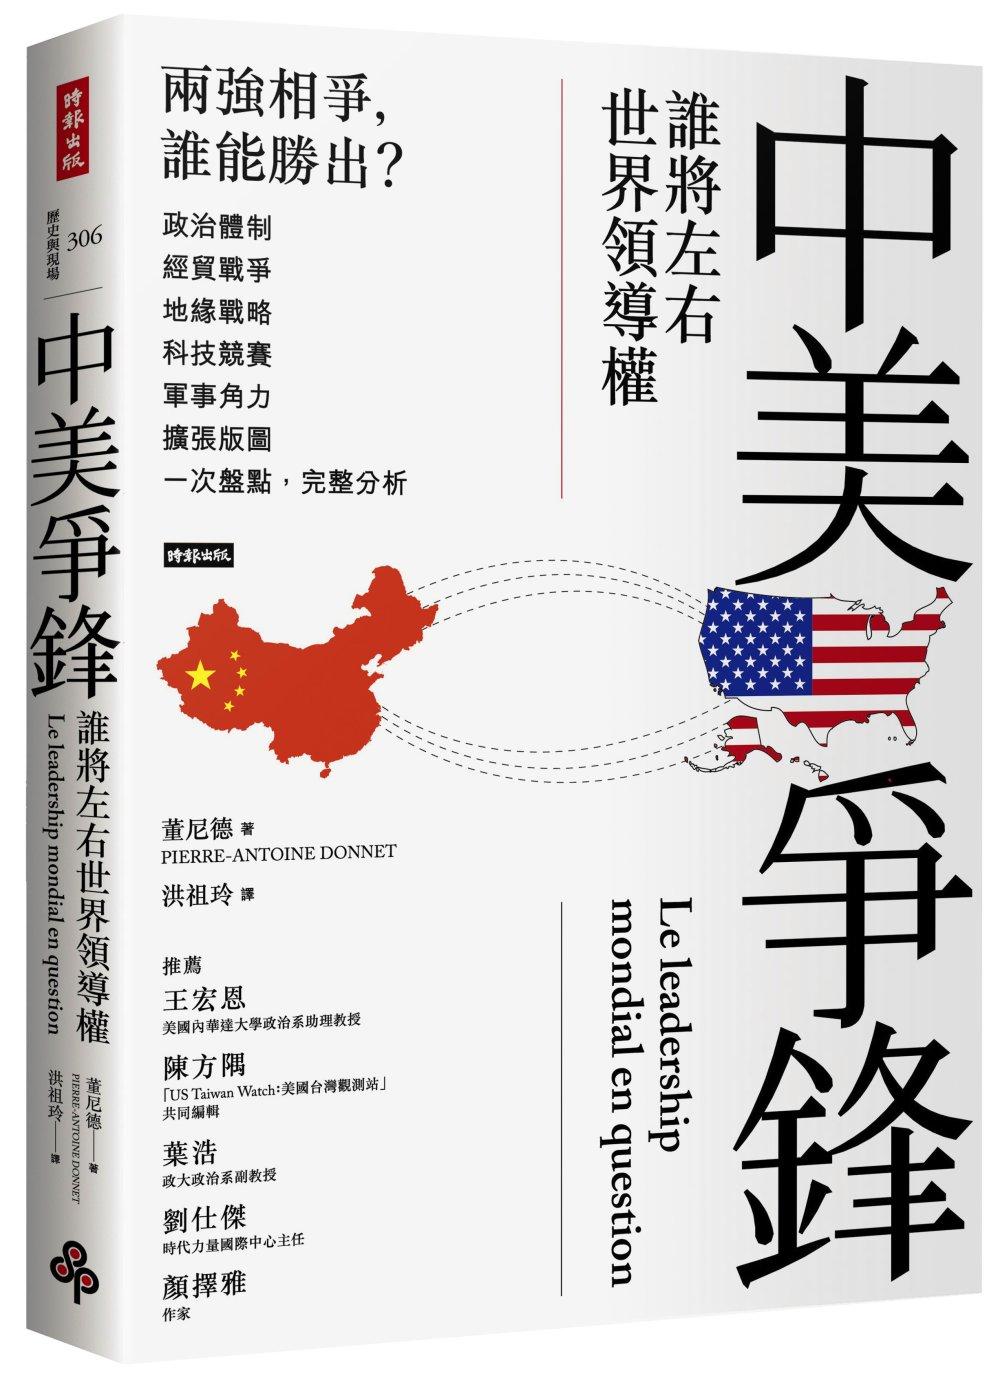 中美爭鋒:誰將左右世界領導權